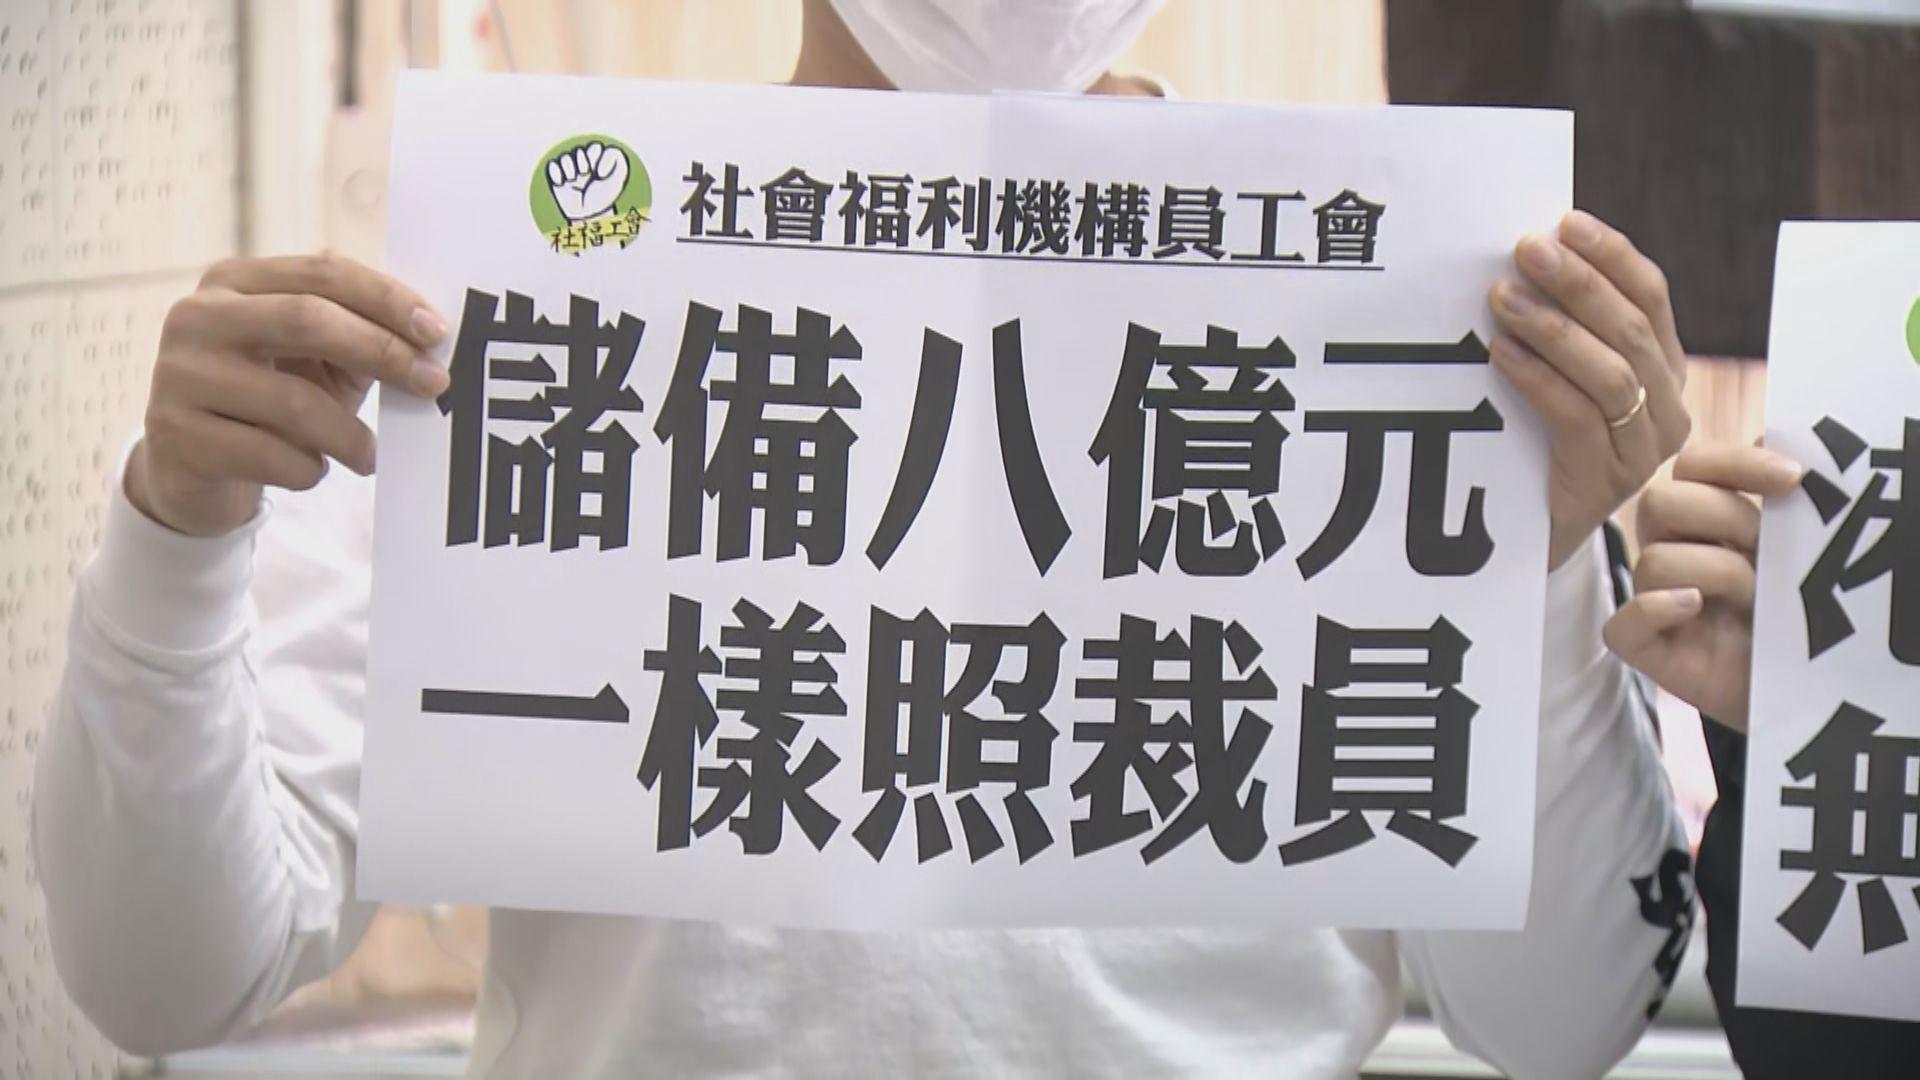 社福工會:YMCA擁八億儲備 裁員放無薪假不合理